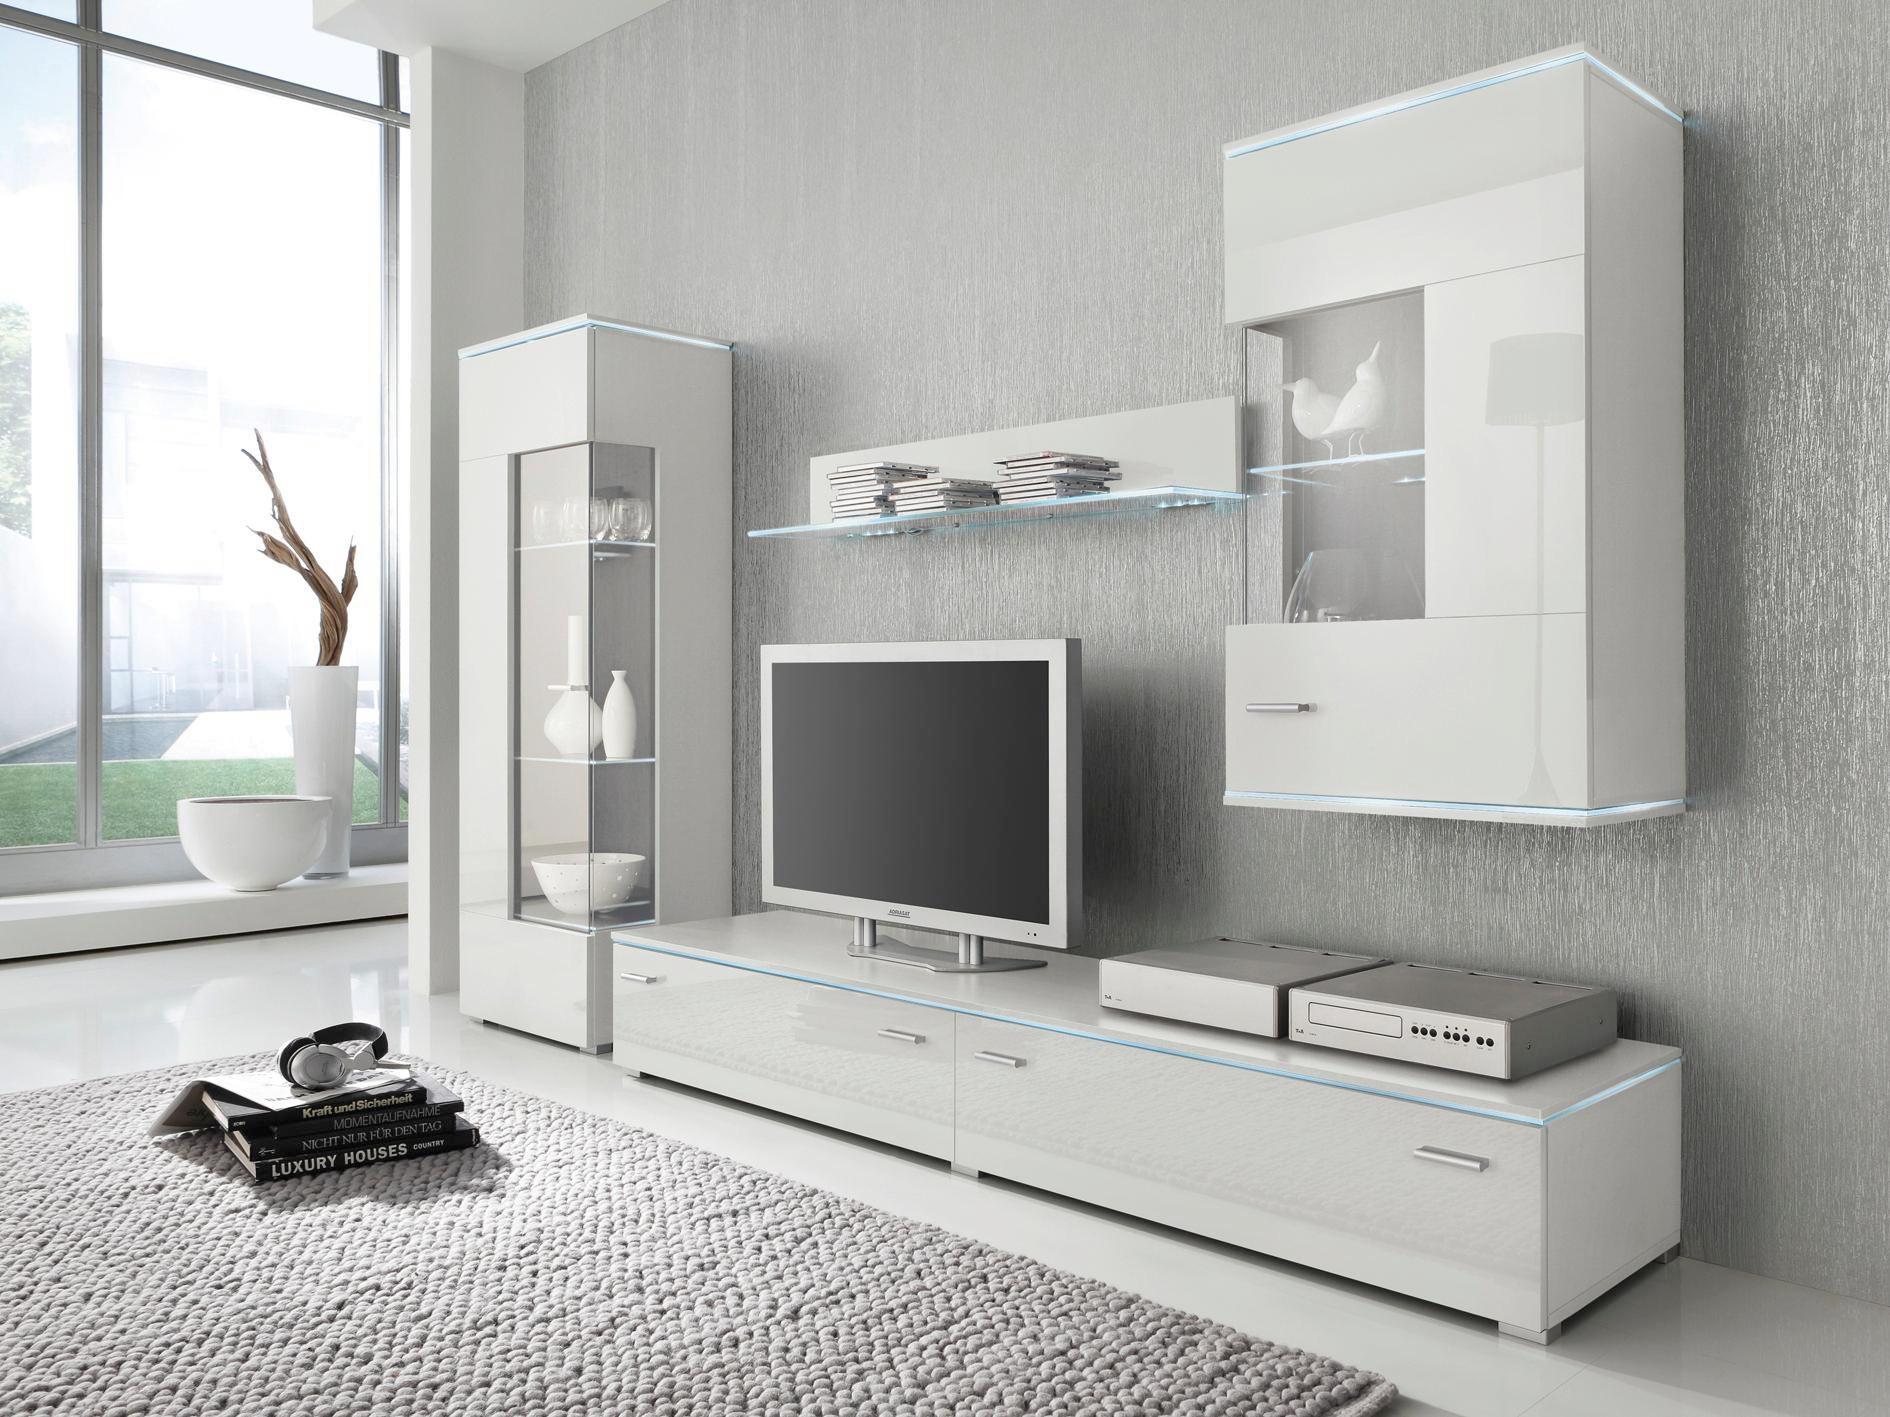 Wohnwande Hochglanz Weis Design | Wohnwand Weiss Online Kaufen Xxxlshop